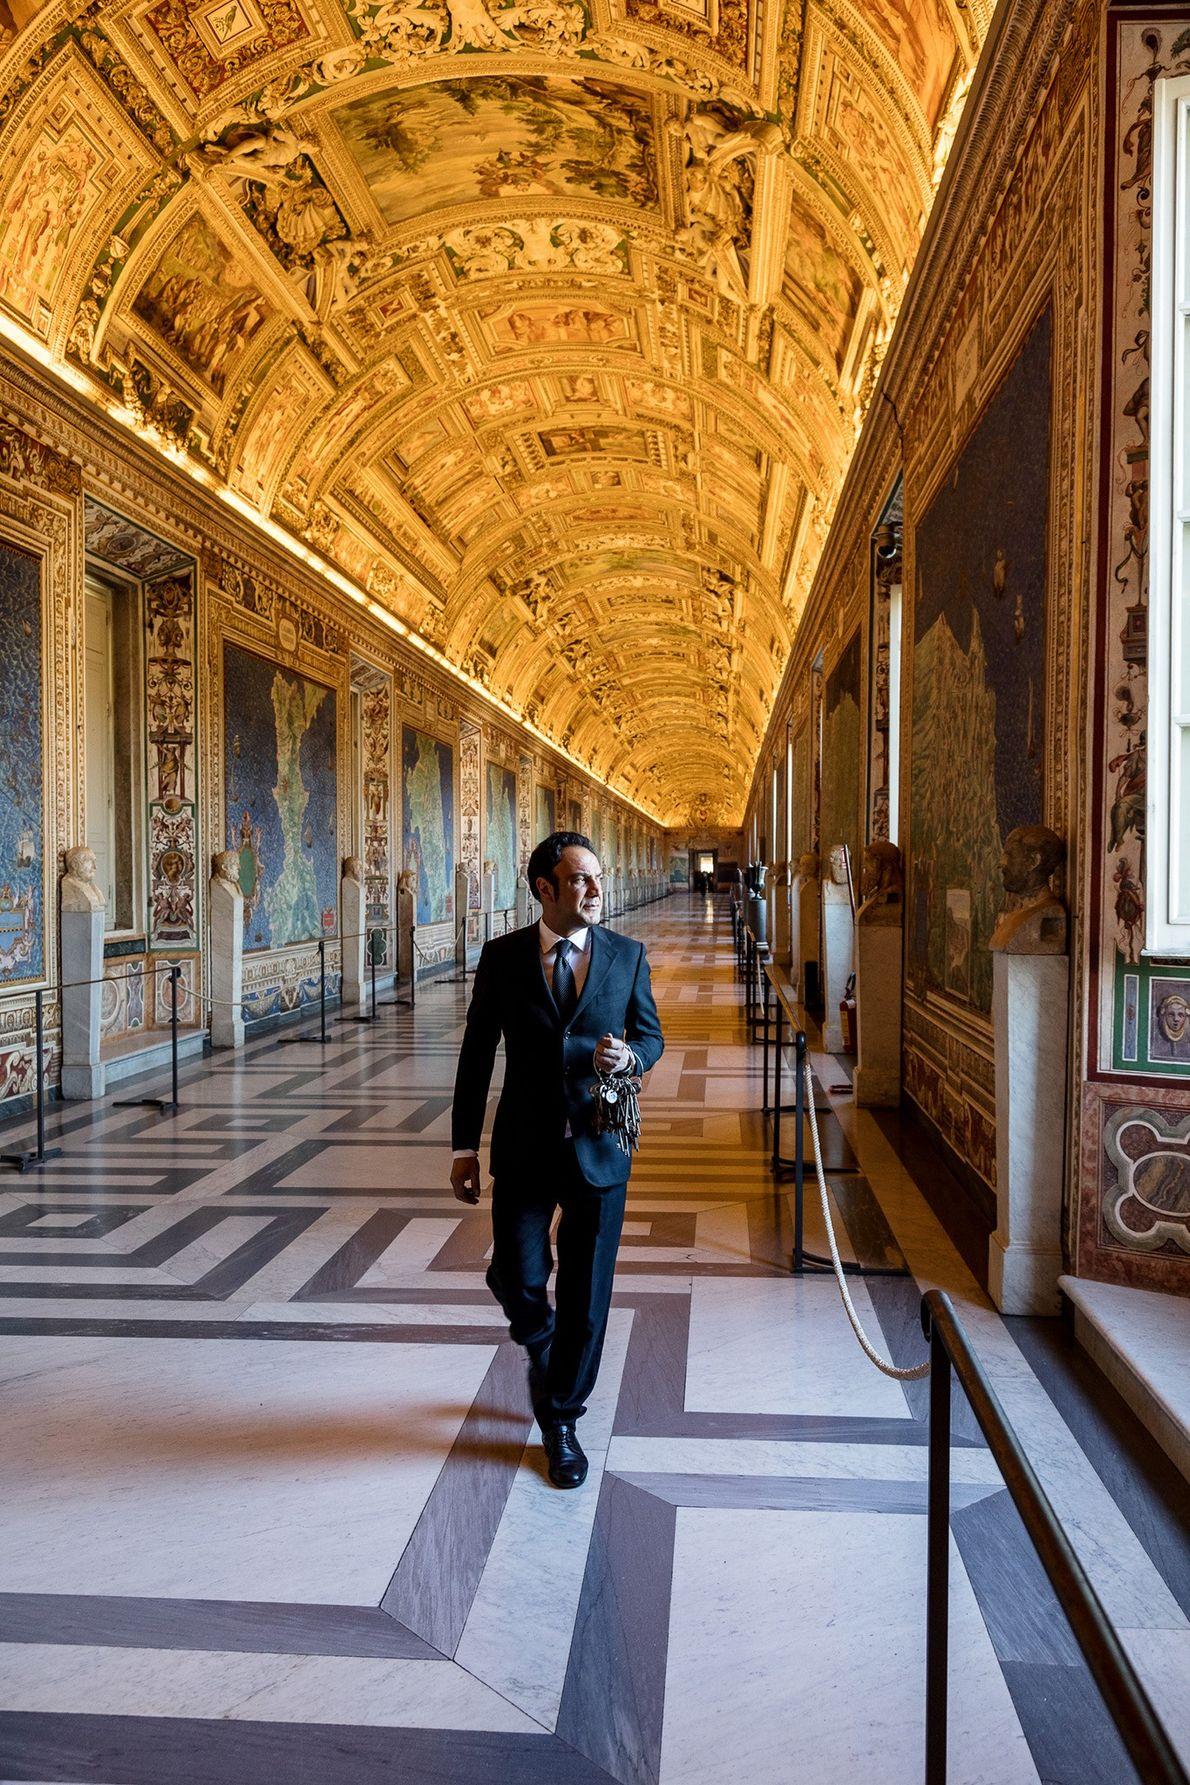 Comissionado pelo Papa Gregório XIII e pintado entre 1580 e 1585, 40 mapas com afrescos da ...